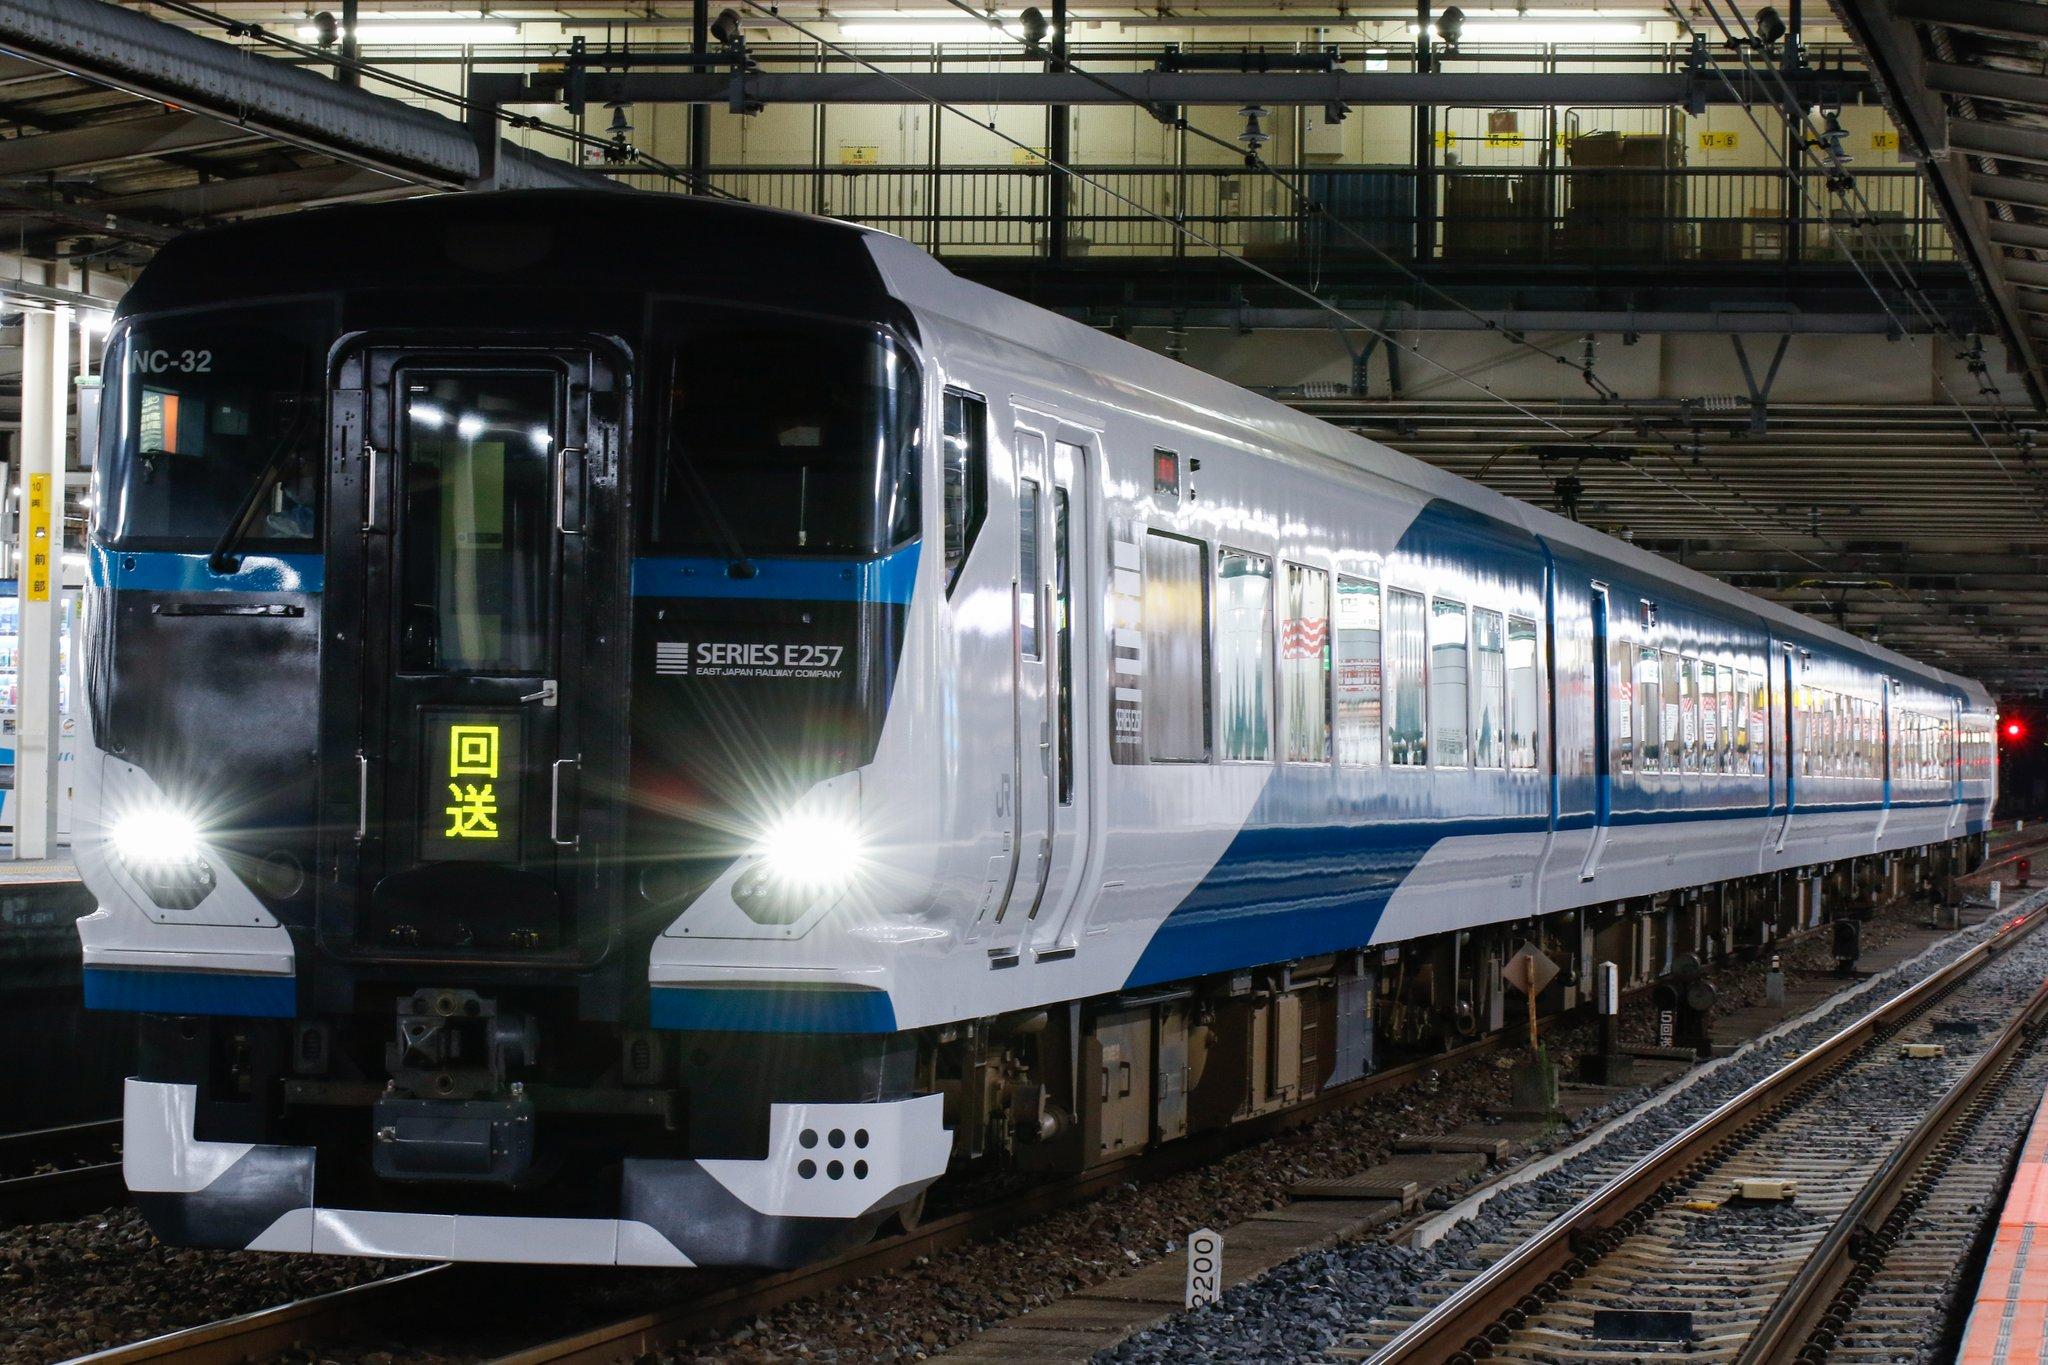 【付属編成が初走行】E257系2500番台NC-32編成が誘導障害の確認のため回送 JR東海や伊豆箱根鉄道に初入線なるか?